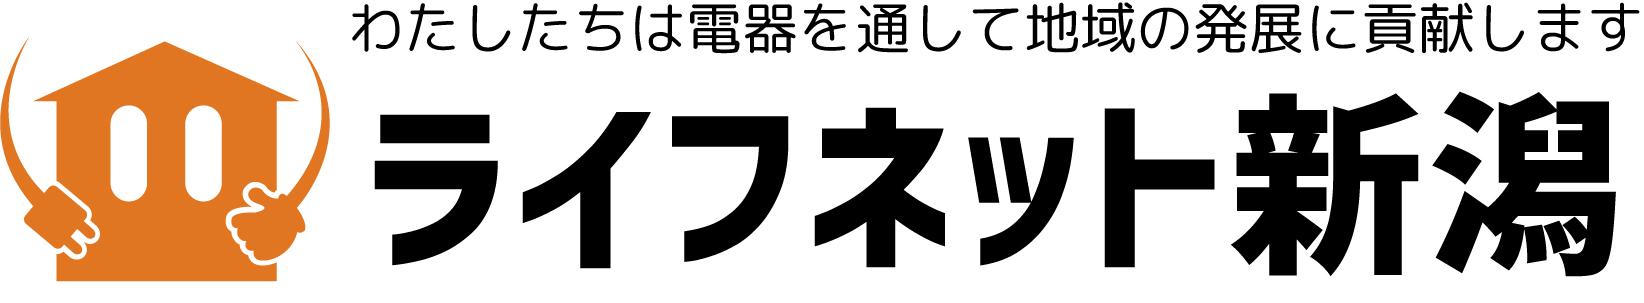 ライフネット新潟ホームページ